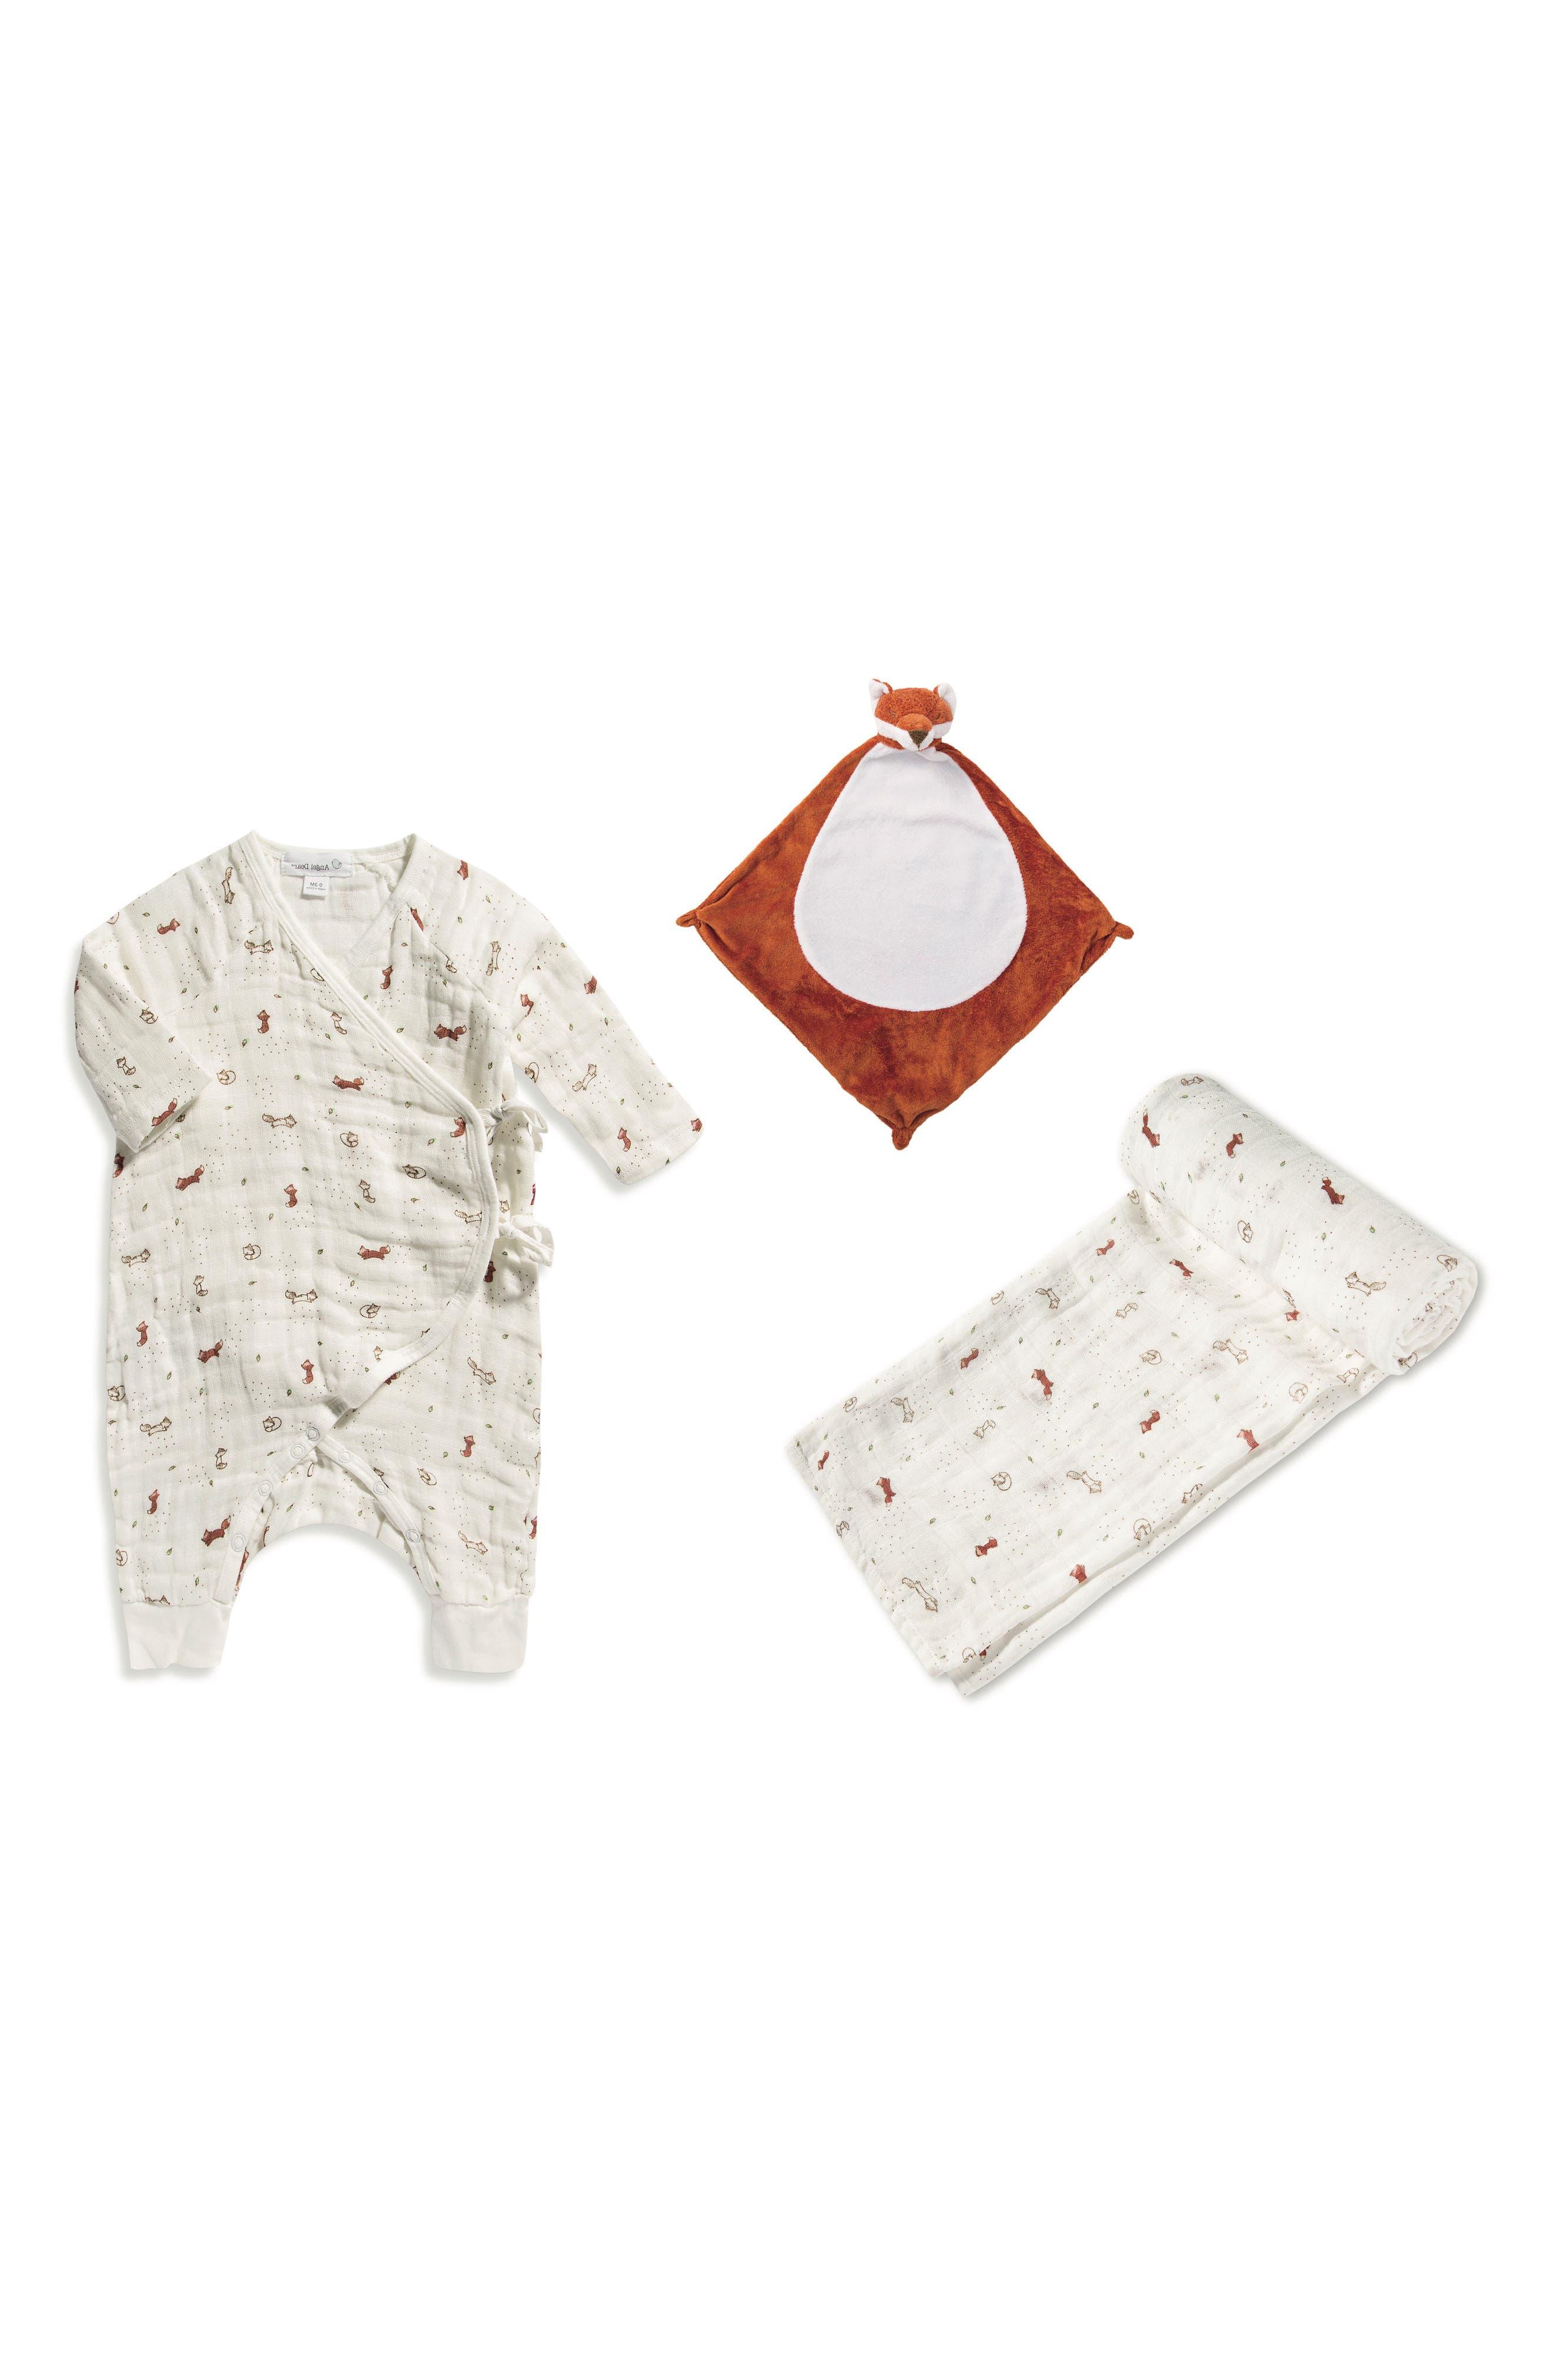 Main Image - Angel Dear Romper, Blankie & Blanket Set (Baby)